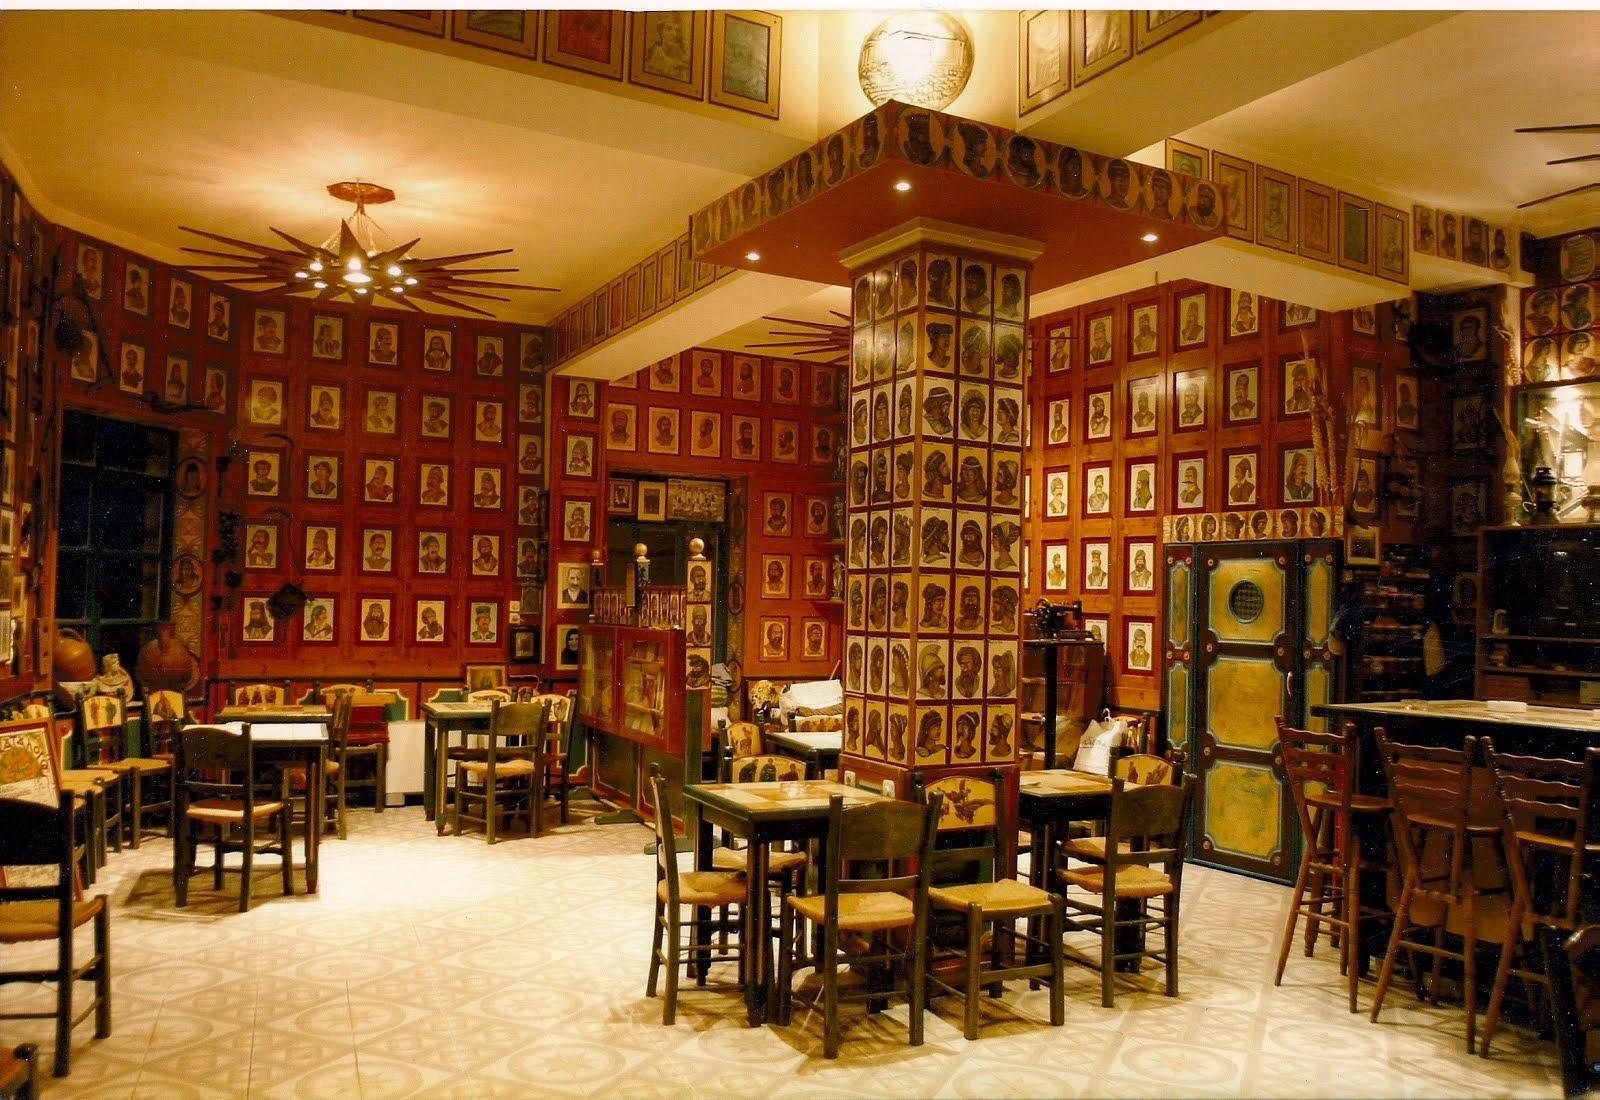 Ιστορικό Καφενείο